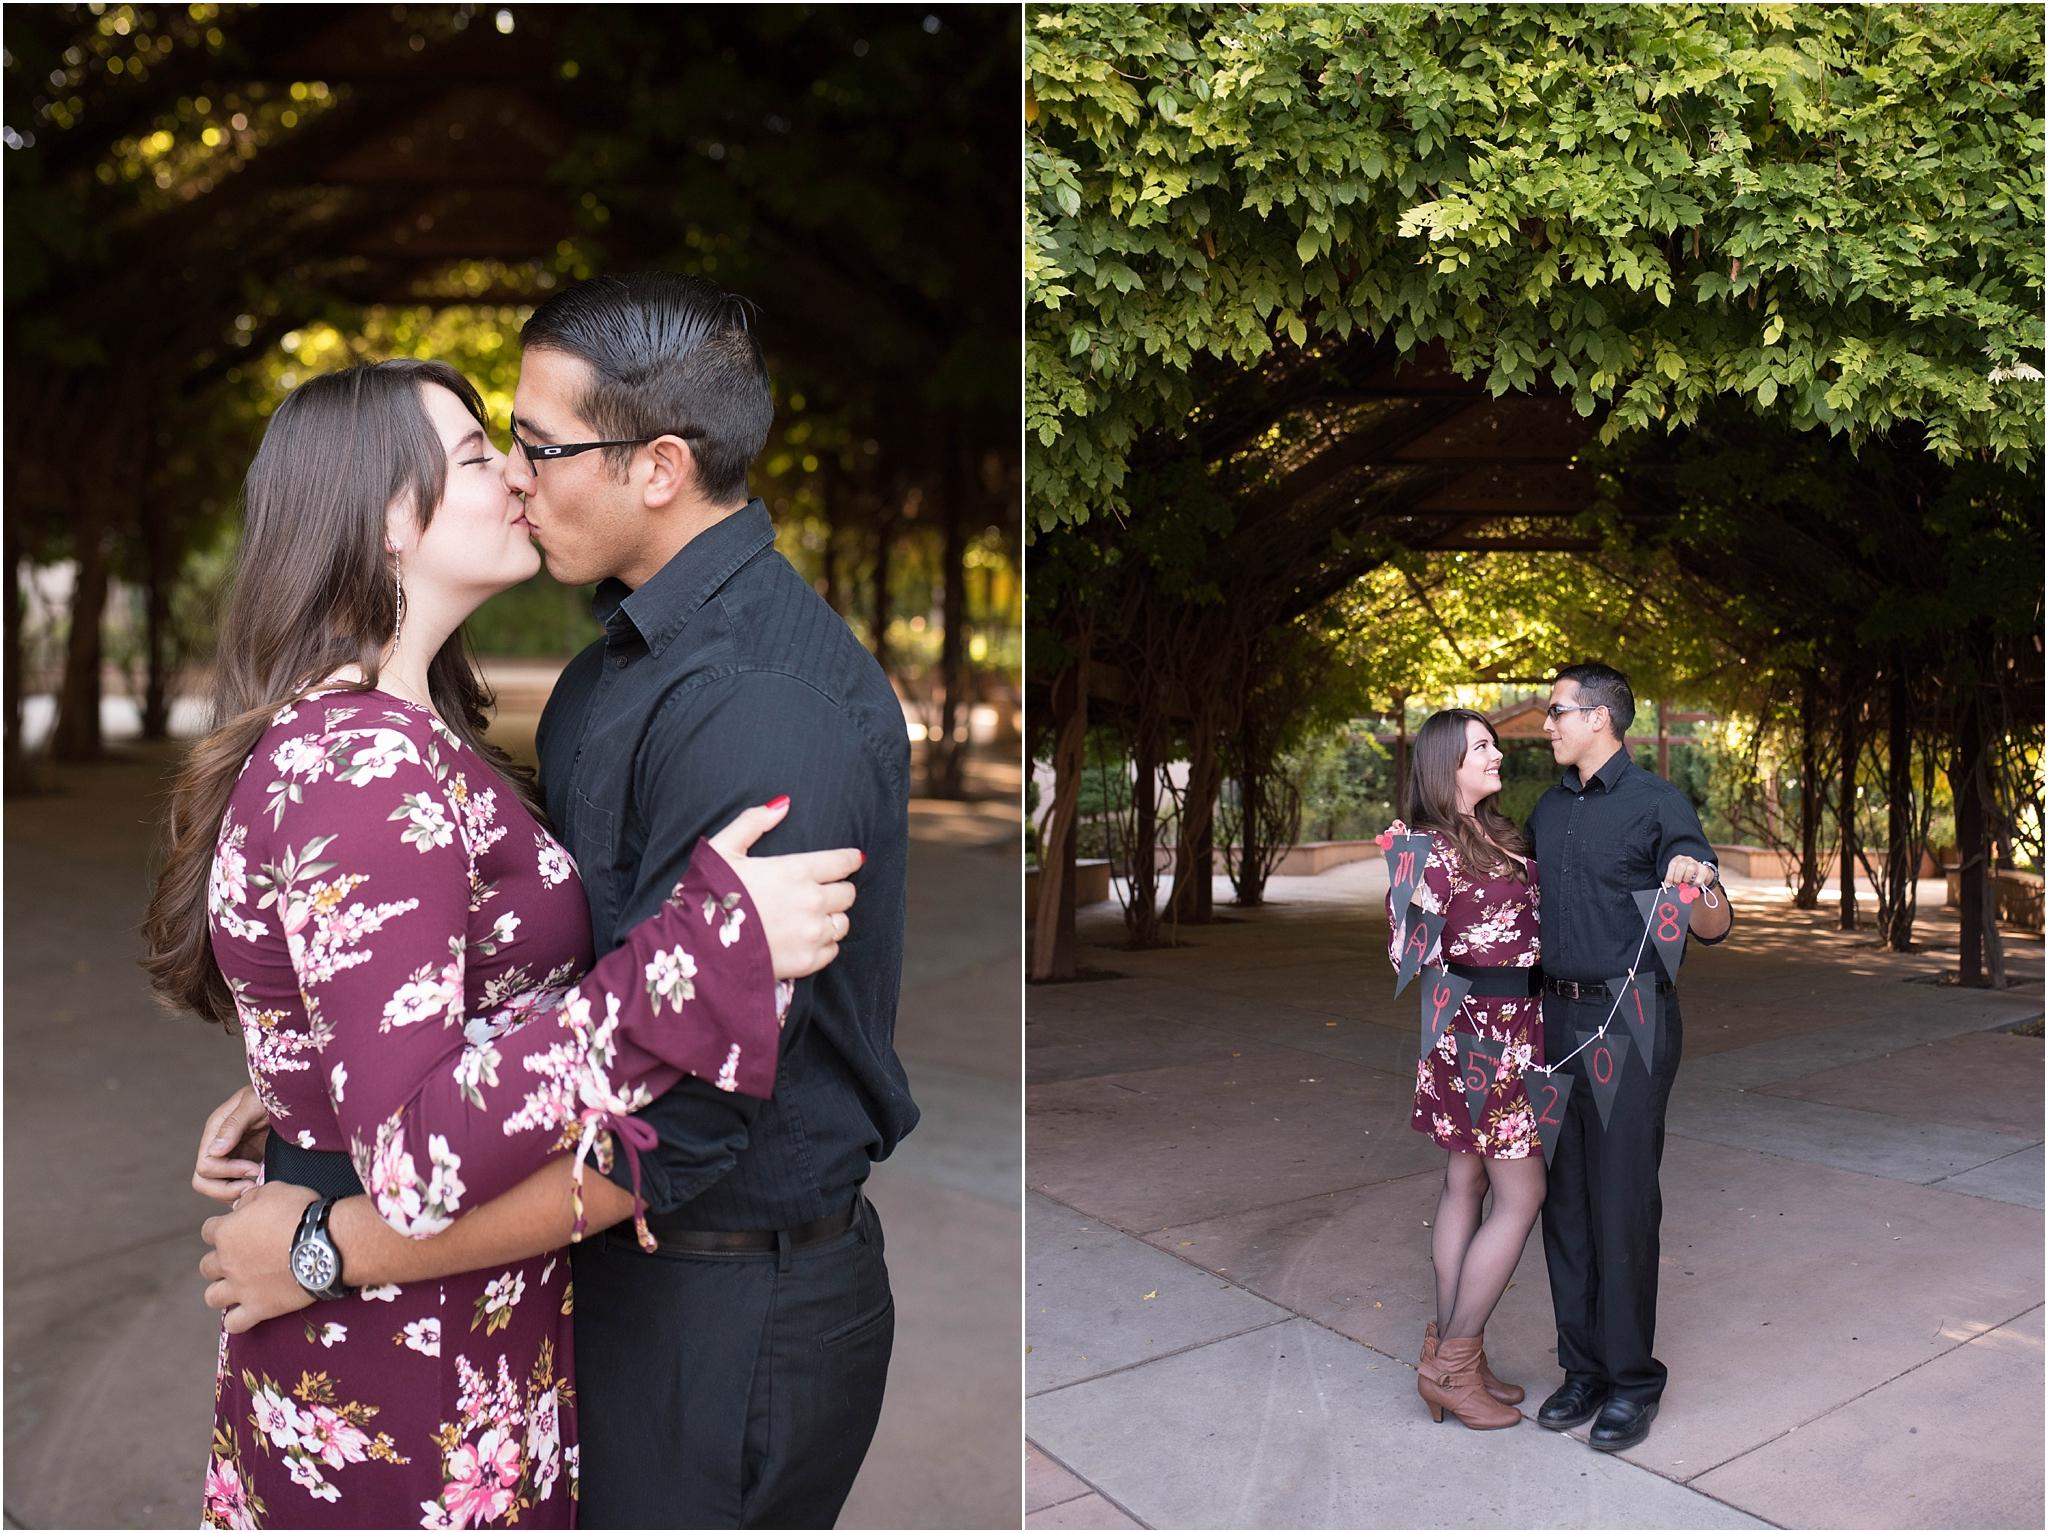 kayla kitts photography - new mexico wedding photographer - albuquerque botanic gardens - hotel albuquerque_0057.jpg